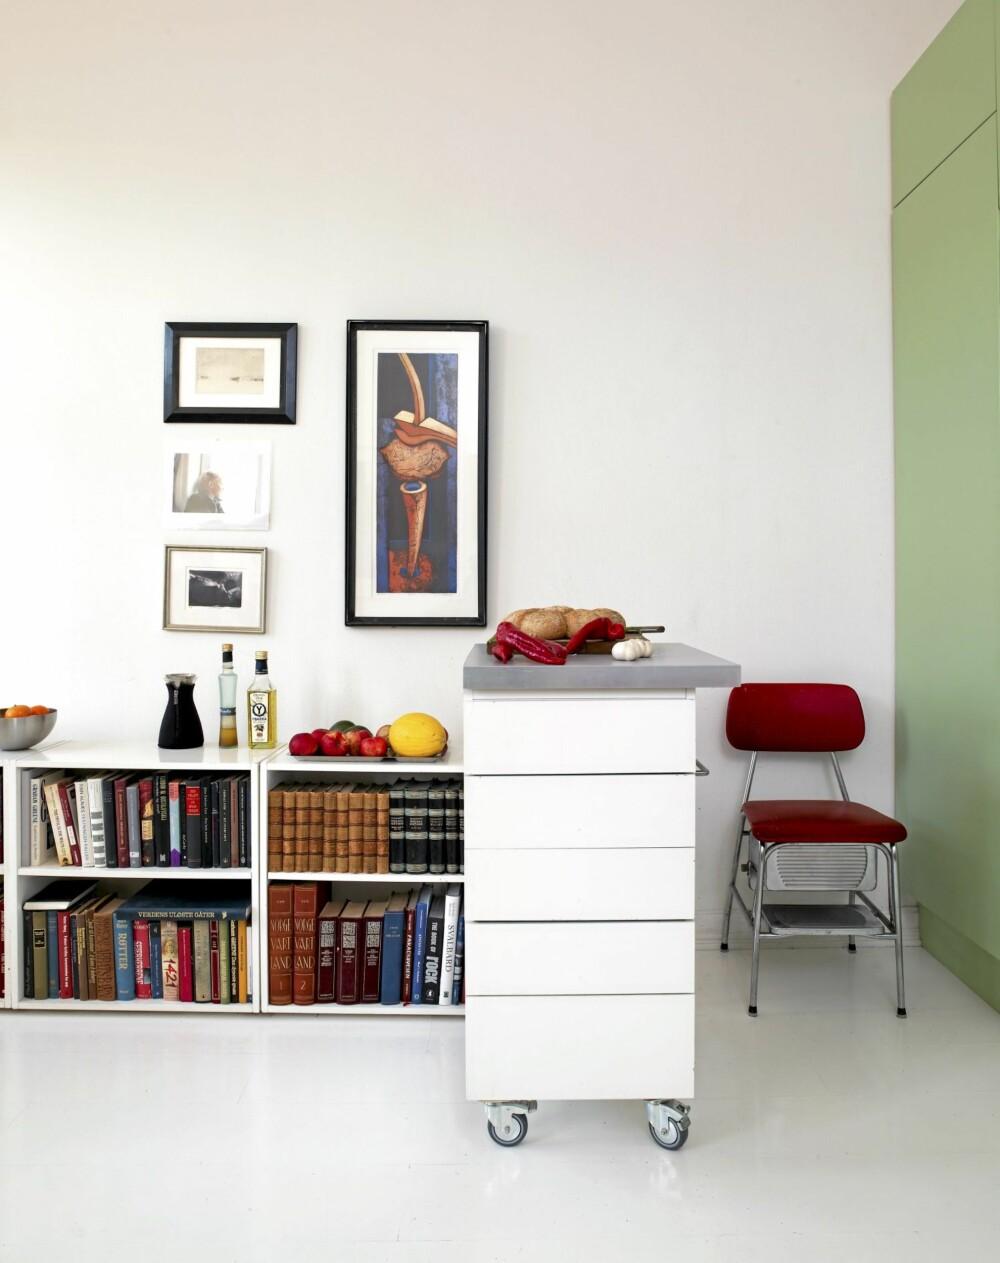 FLYTENDE GRENSER: Grensen mellom kjøkkensone og stuesone er flytende: Bokhylla er et stuemøbel, men brukes også som avlastningsbord for kjøkkenvarer. Kjøkkenøya rulles inntil veggen når den ikke er i bruk og frigjør gulvplass.